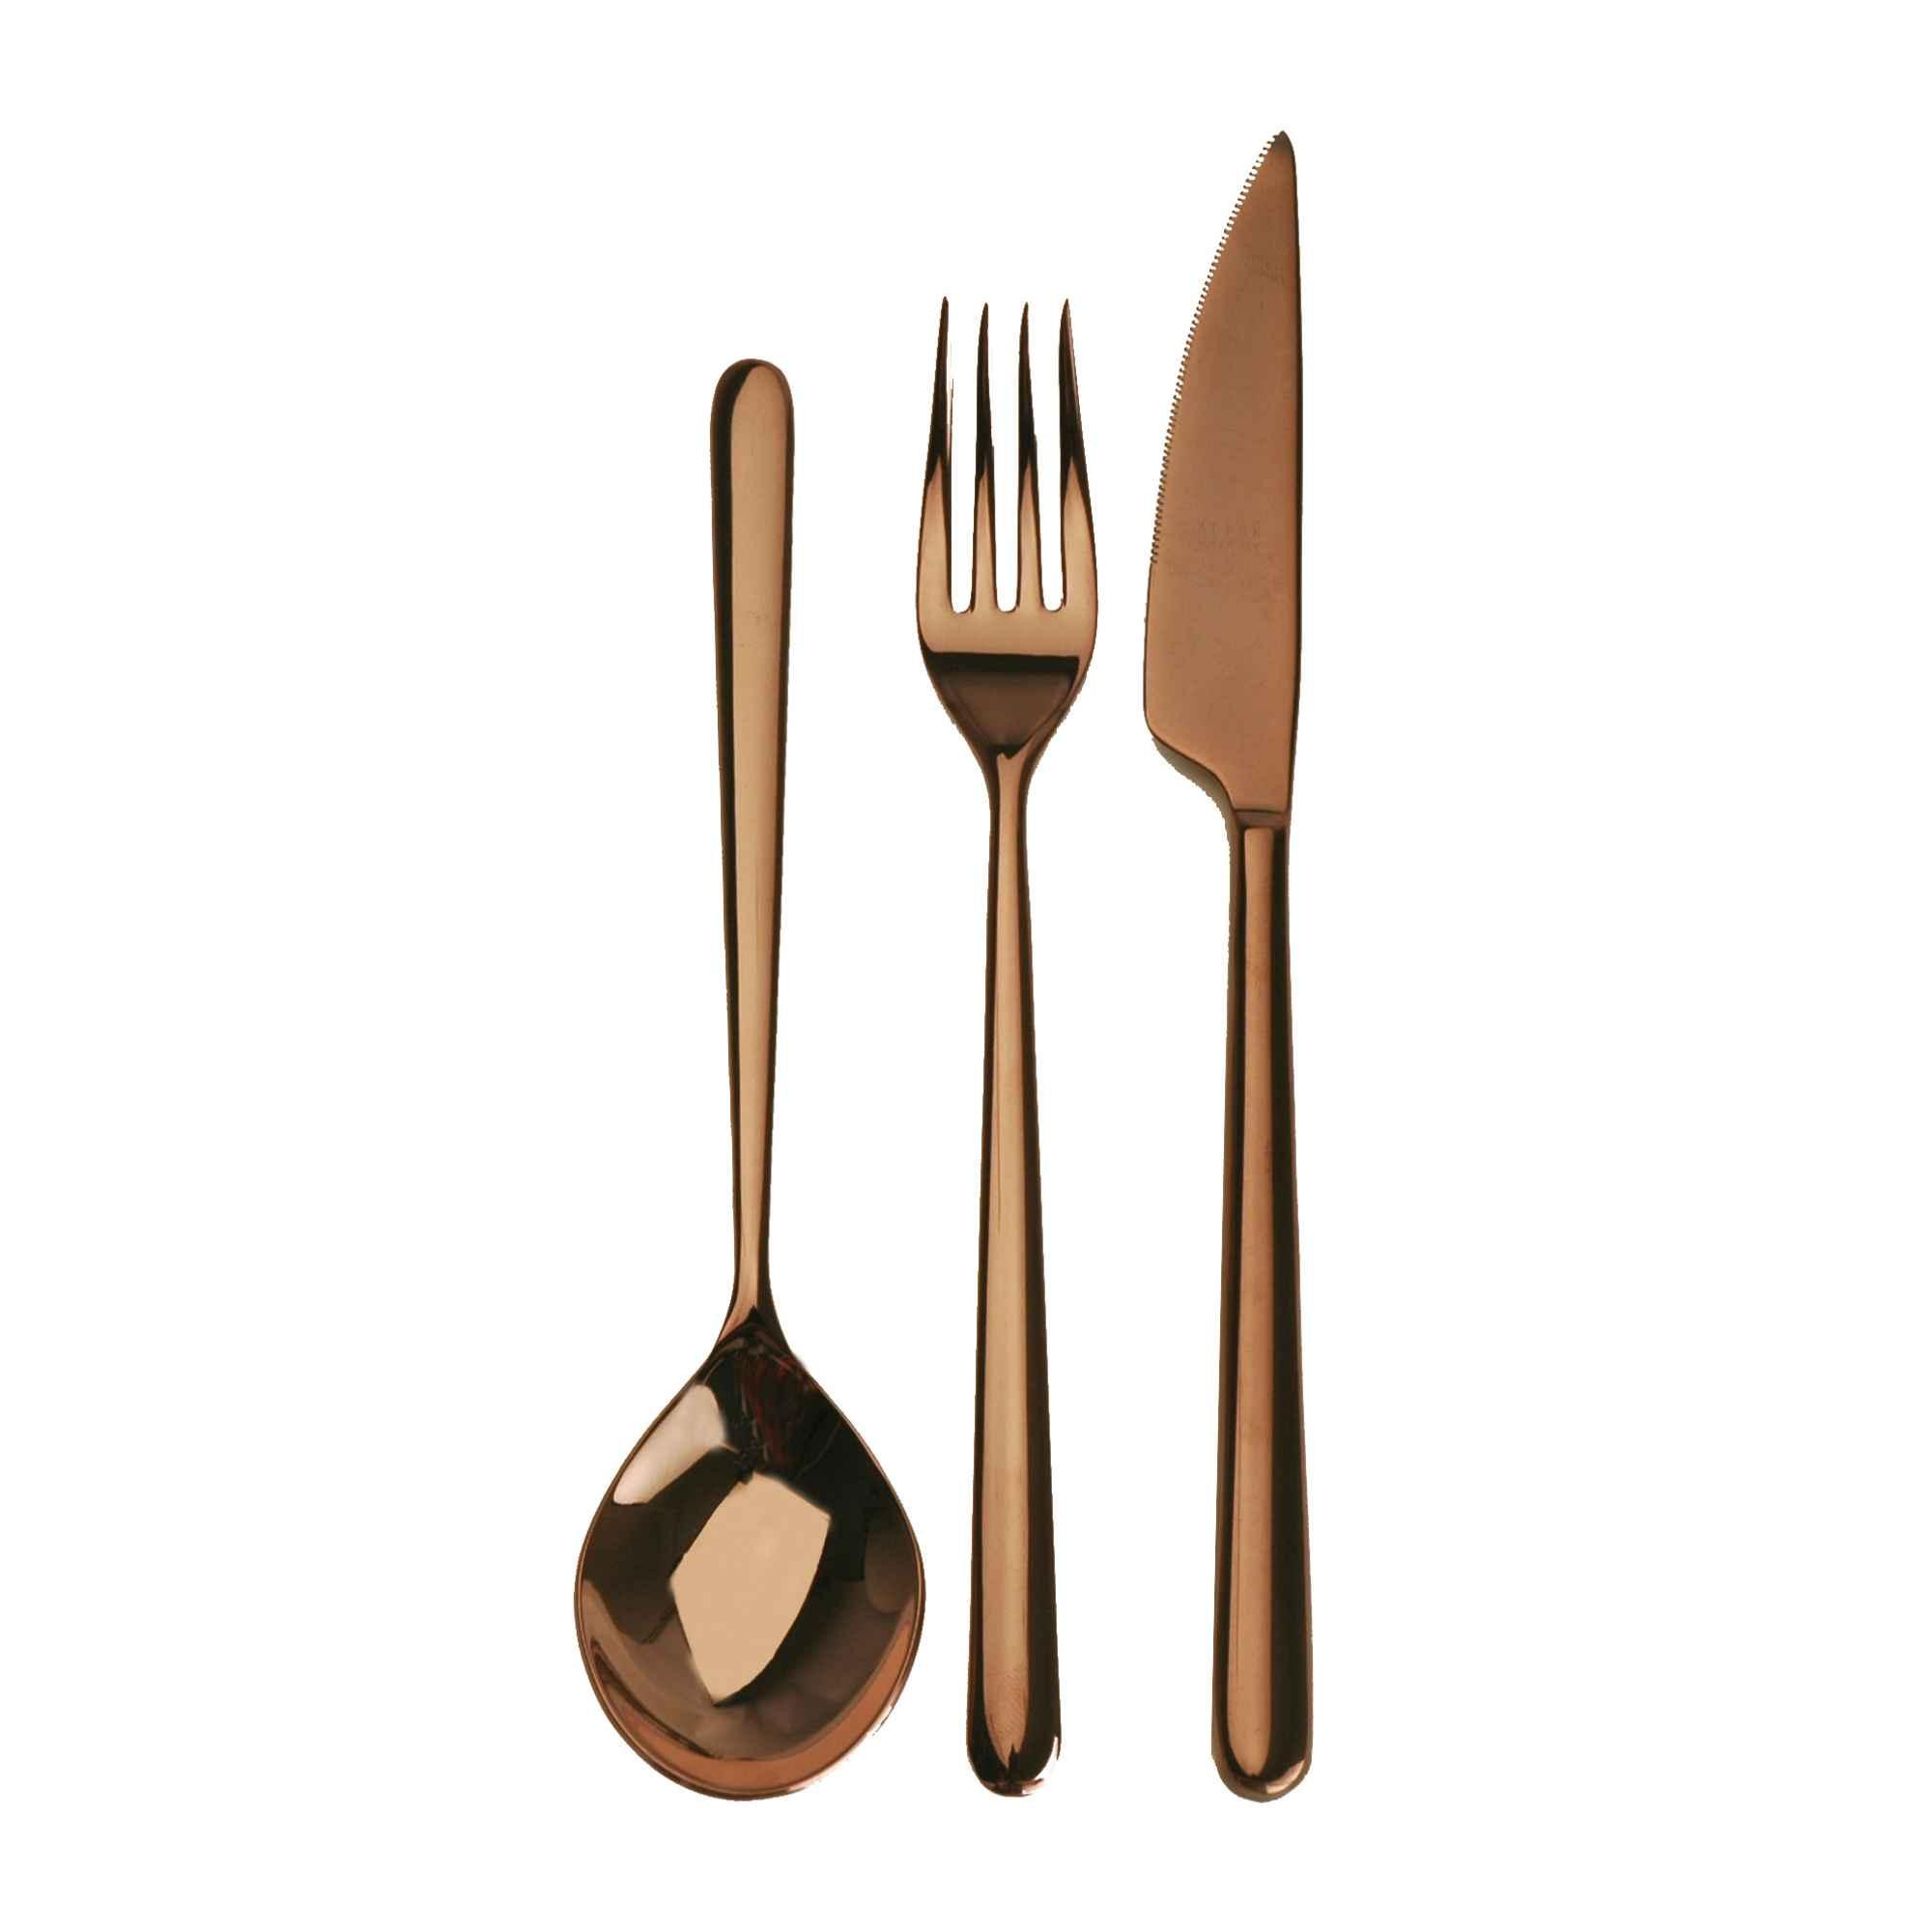 Servizio 151 pezzi linea bronzo Linea Bronzo in Acciaio Inossidabile, colore Bronzo, Lavorazione della su